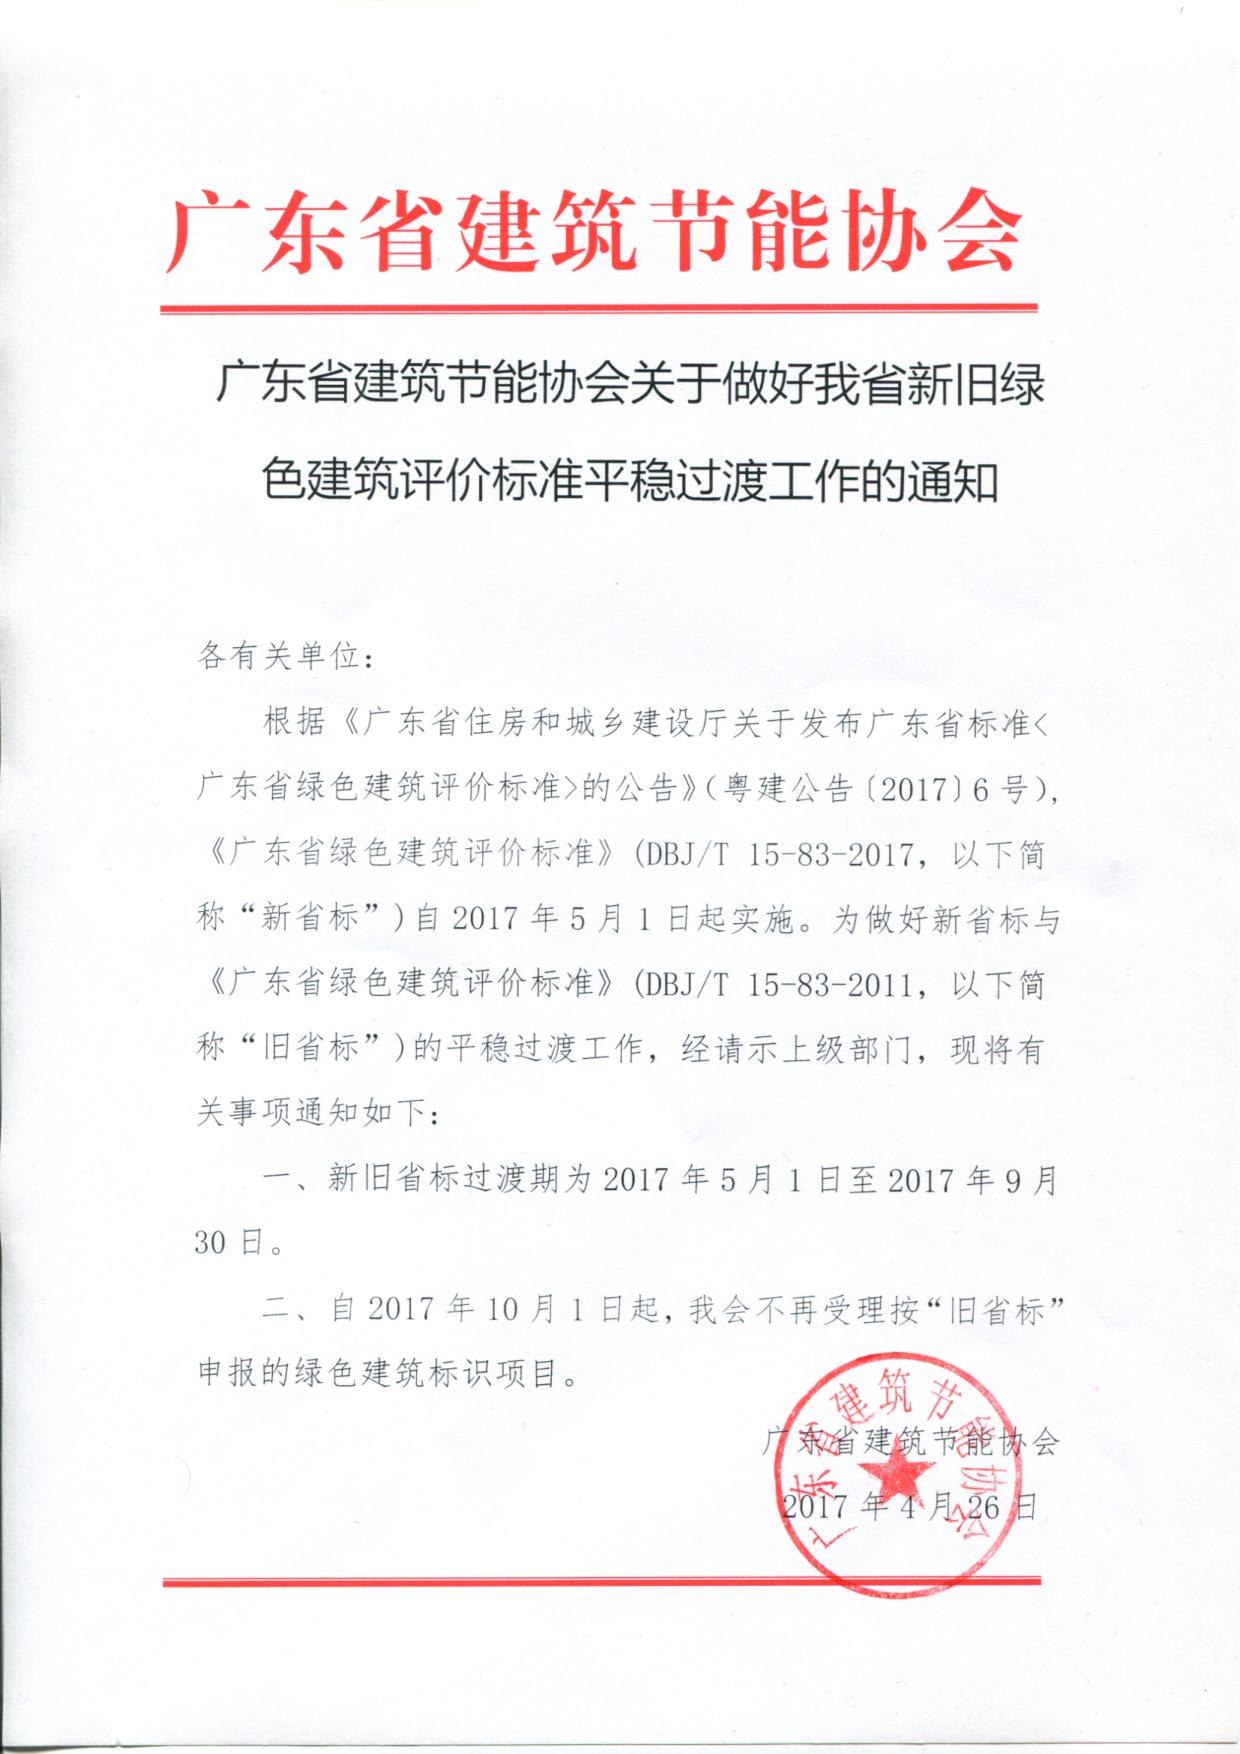 做好广东省新旧绿色建筑评价标准平稳过渡工作通知